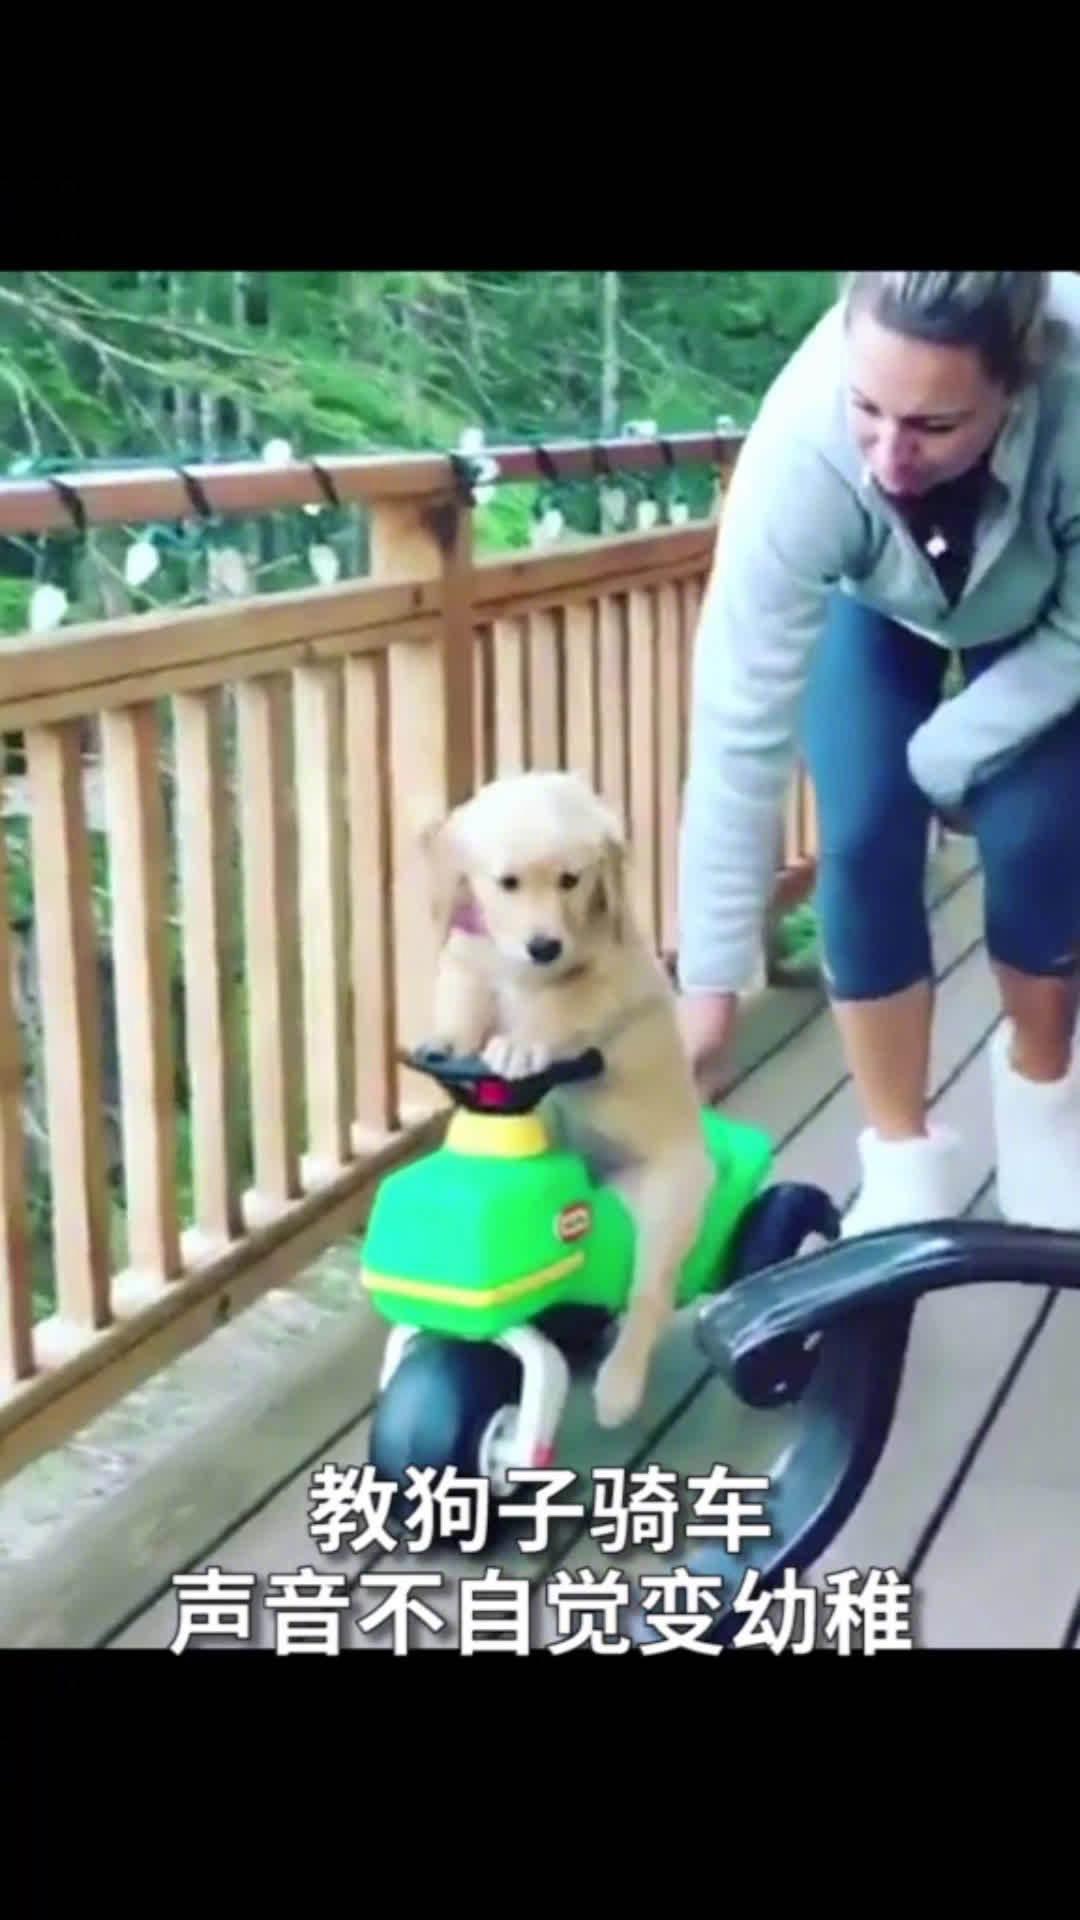 养狗久了之后,你也会不自觉地把狗狗当自己的小宝贝吗